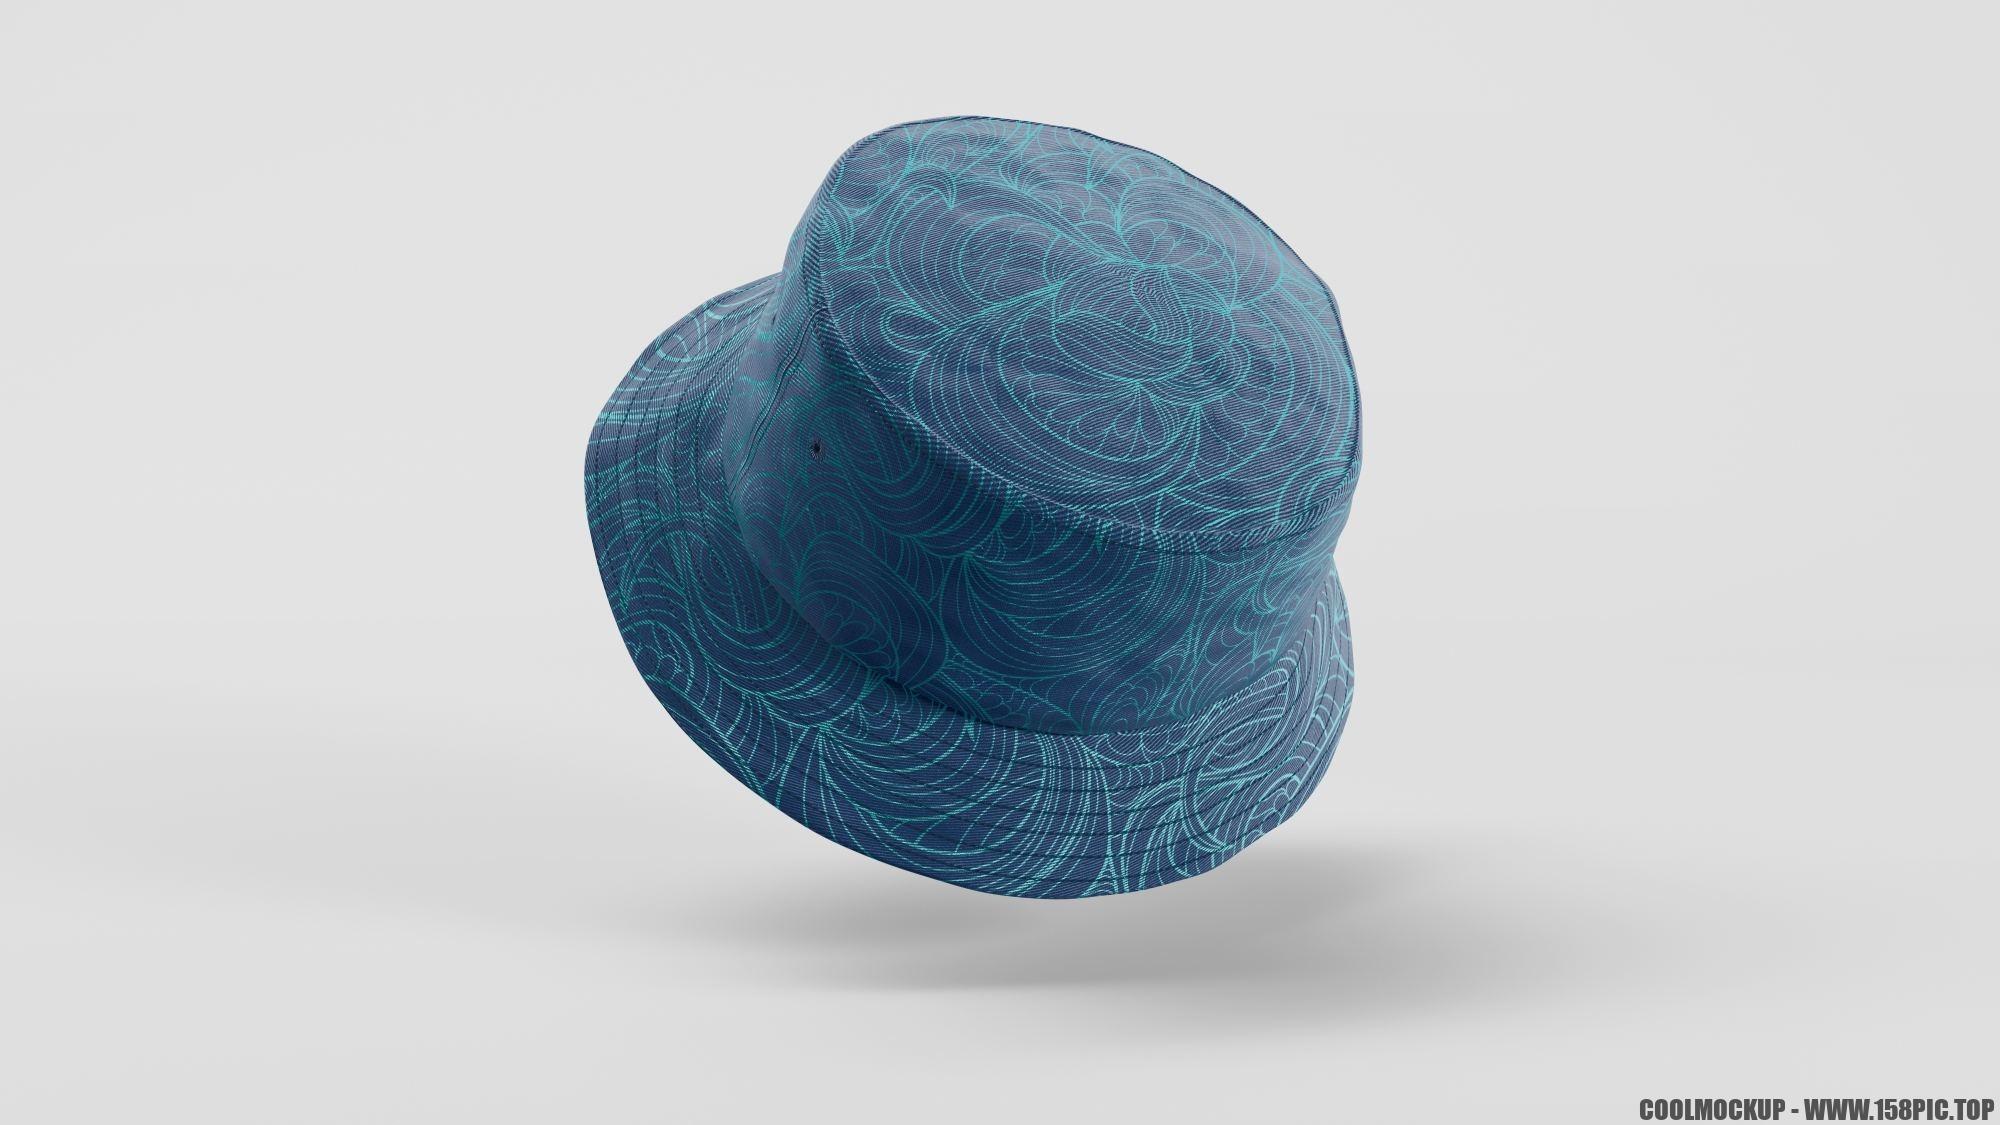 01c9fbea07b8301 - 简约编织渔夫帽样机